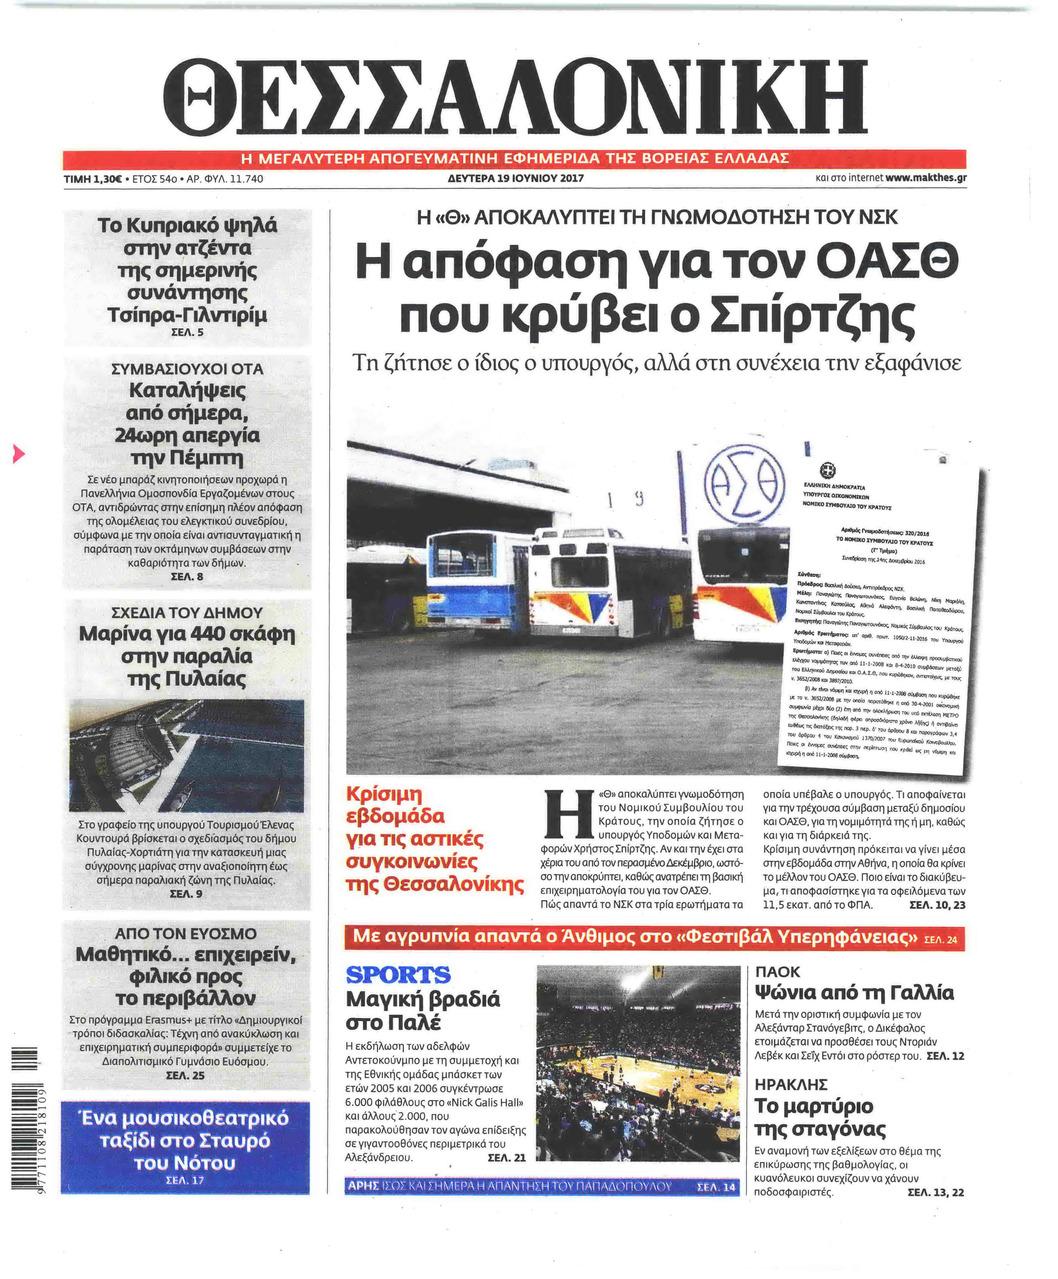 Πρωτοσέλιδο εφημερίδας θεσσαλονίκη